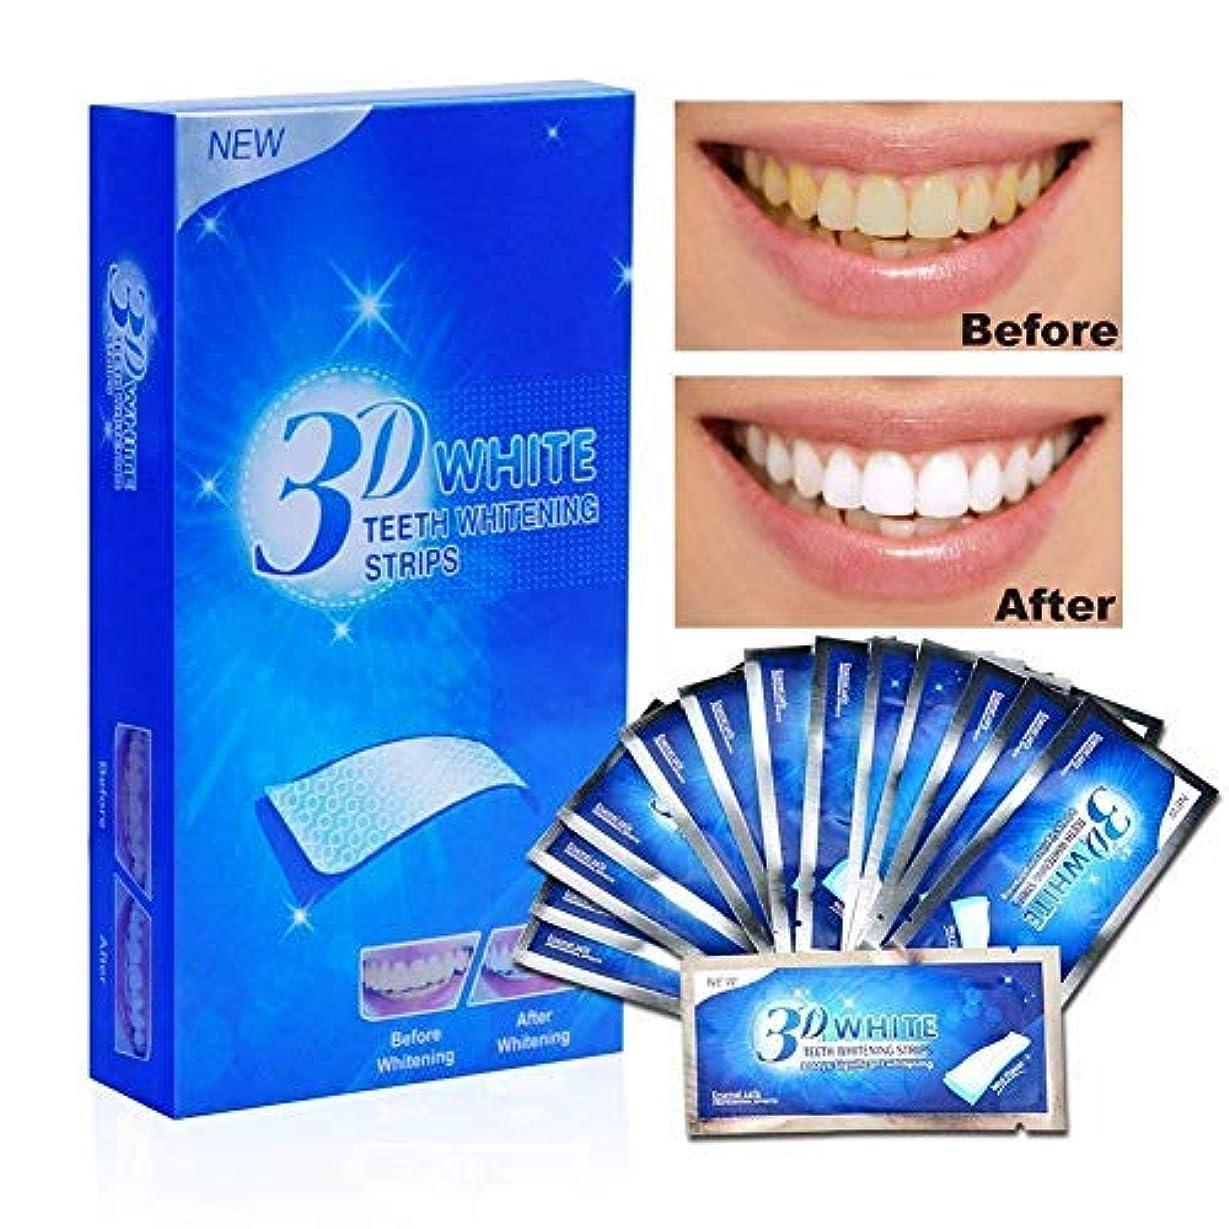 実業家寝てる工業化する歯のホワイトニング 歯 美白 歯 ホワイトニング ールホワイトニング 美白歯磨き